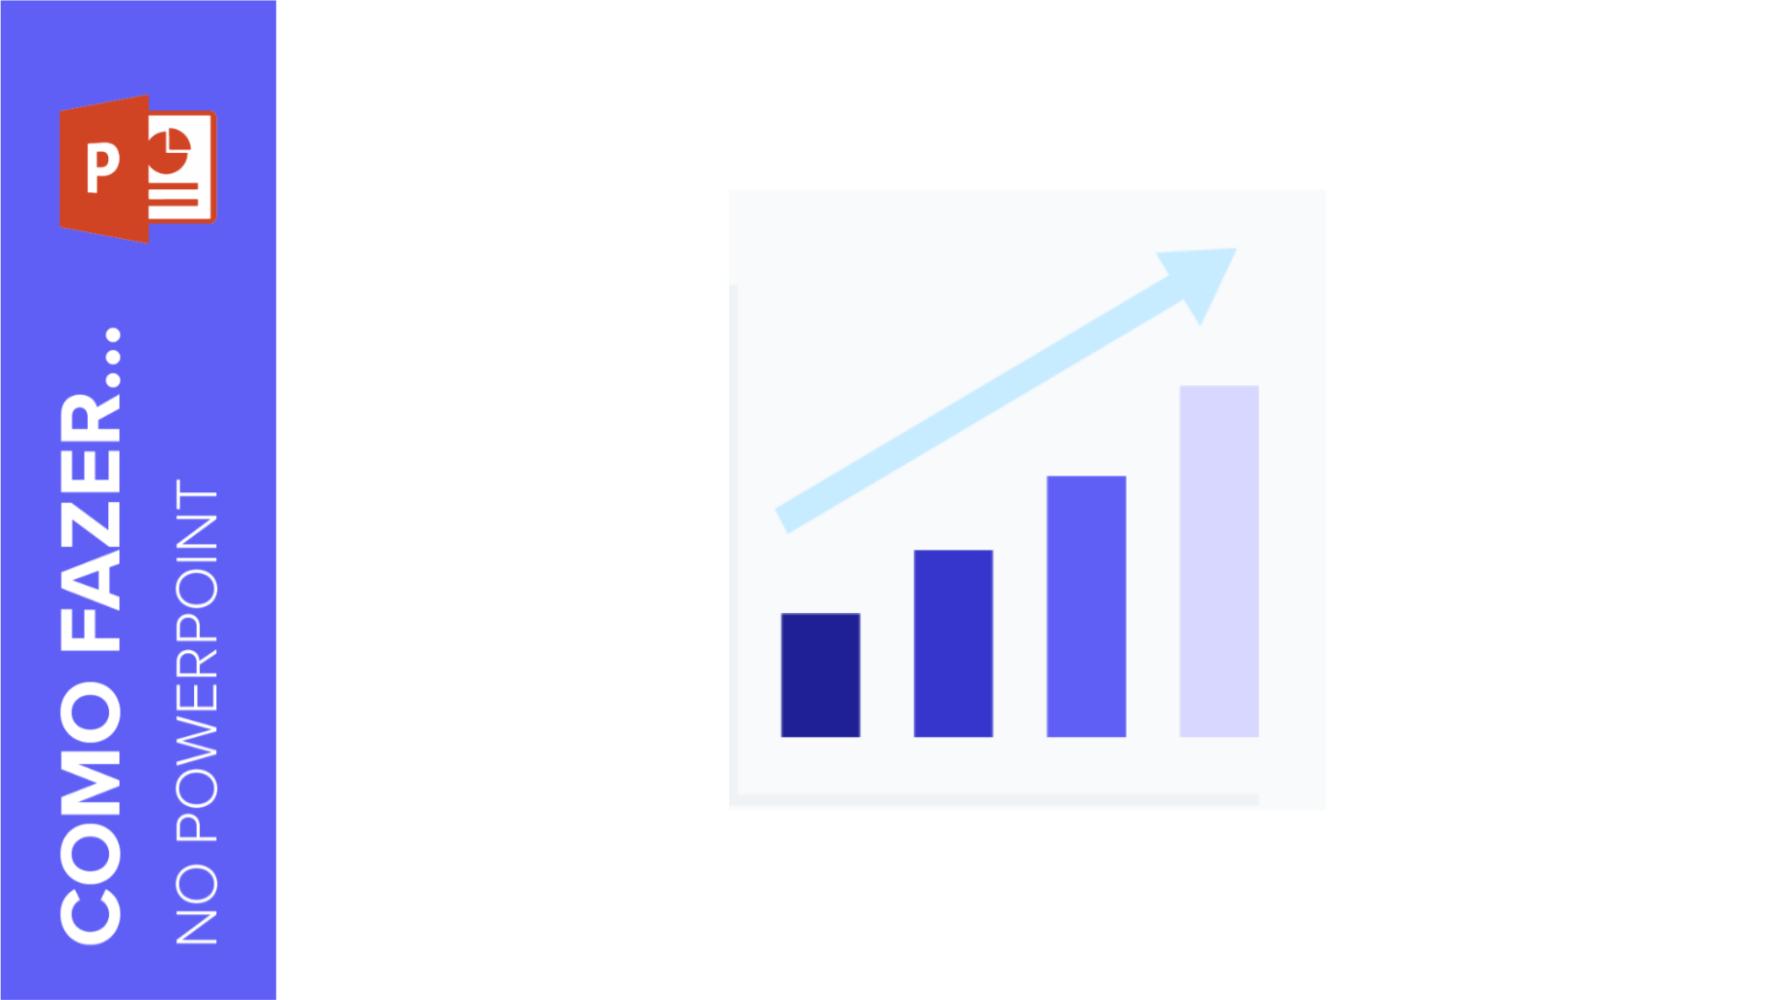 Como inserir gráficos no PowerPoint | Tutoriais e Dicas de apresentação